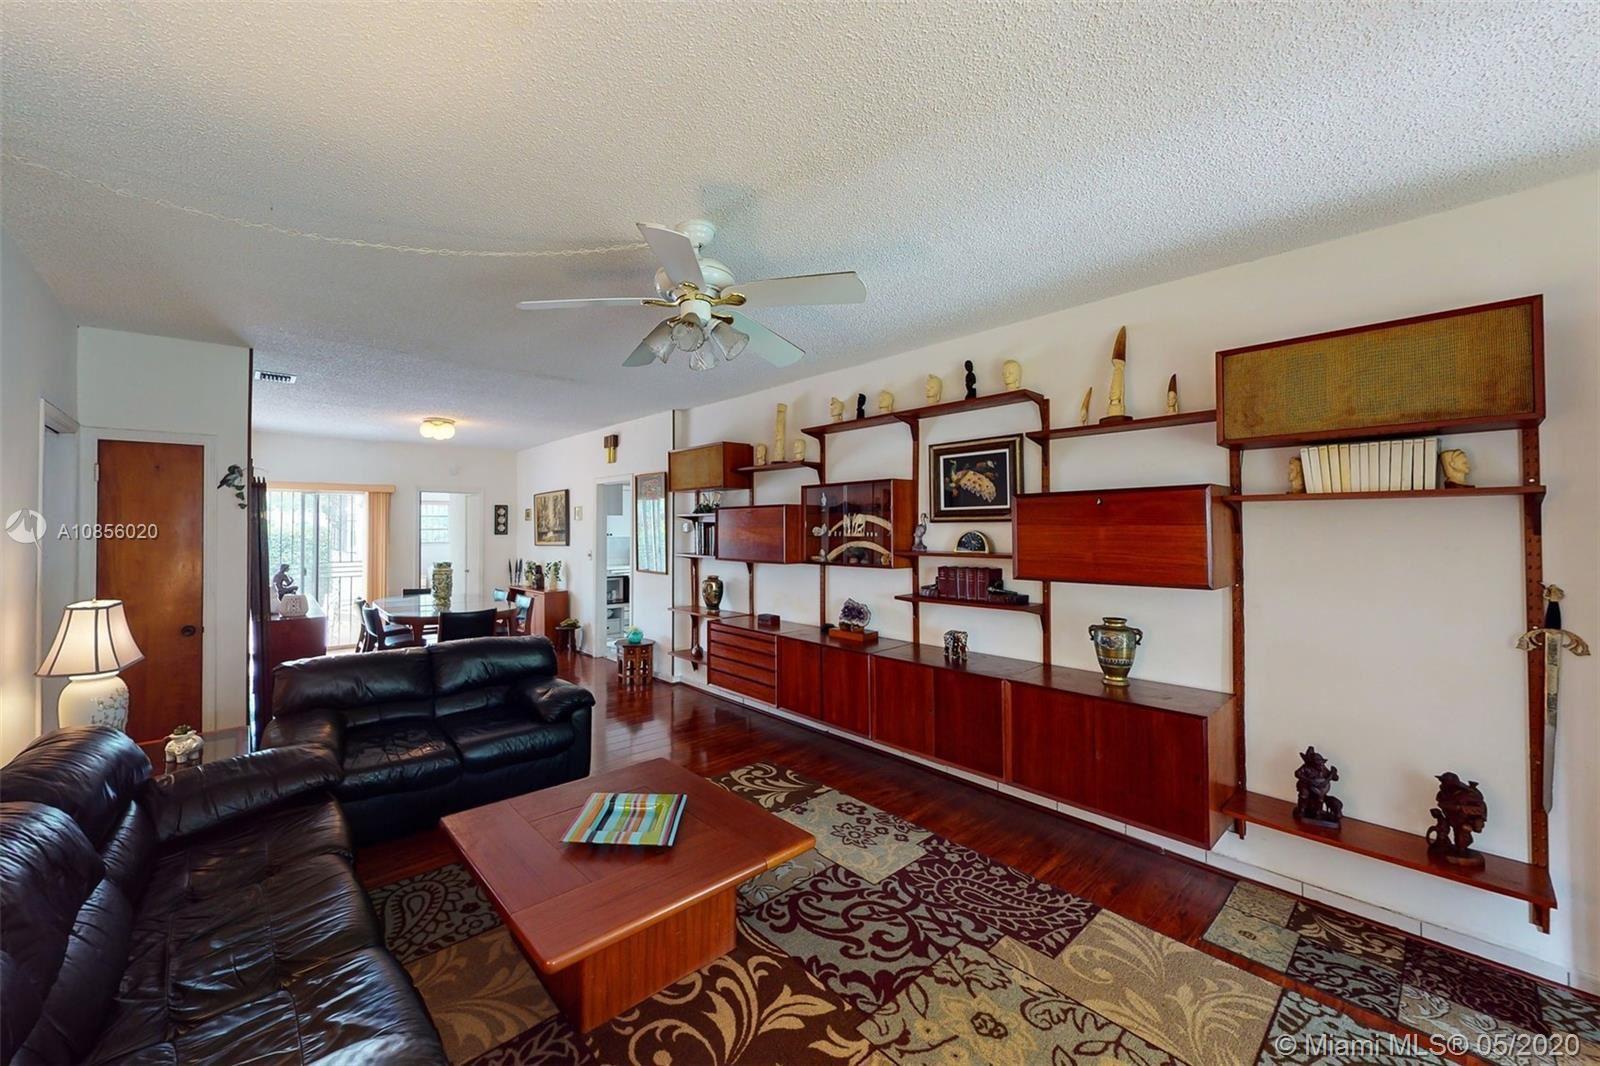 335 Romano Ave, Coral Gables, FL 33134 - #: A10856020